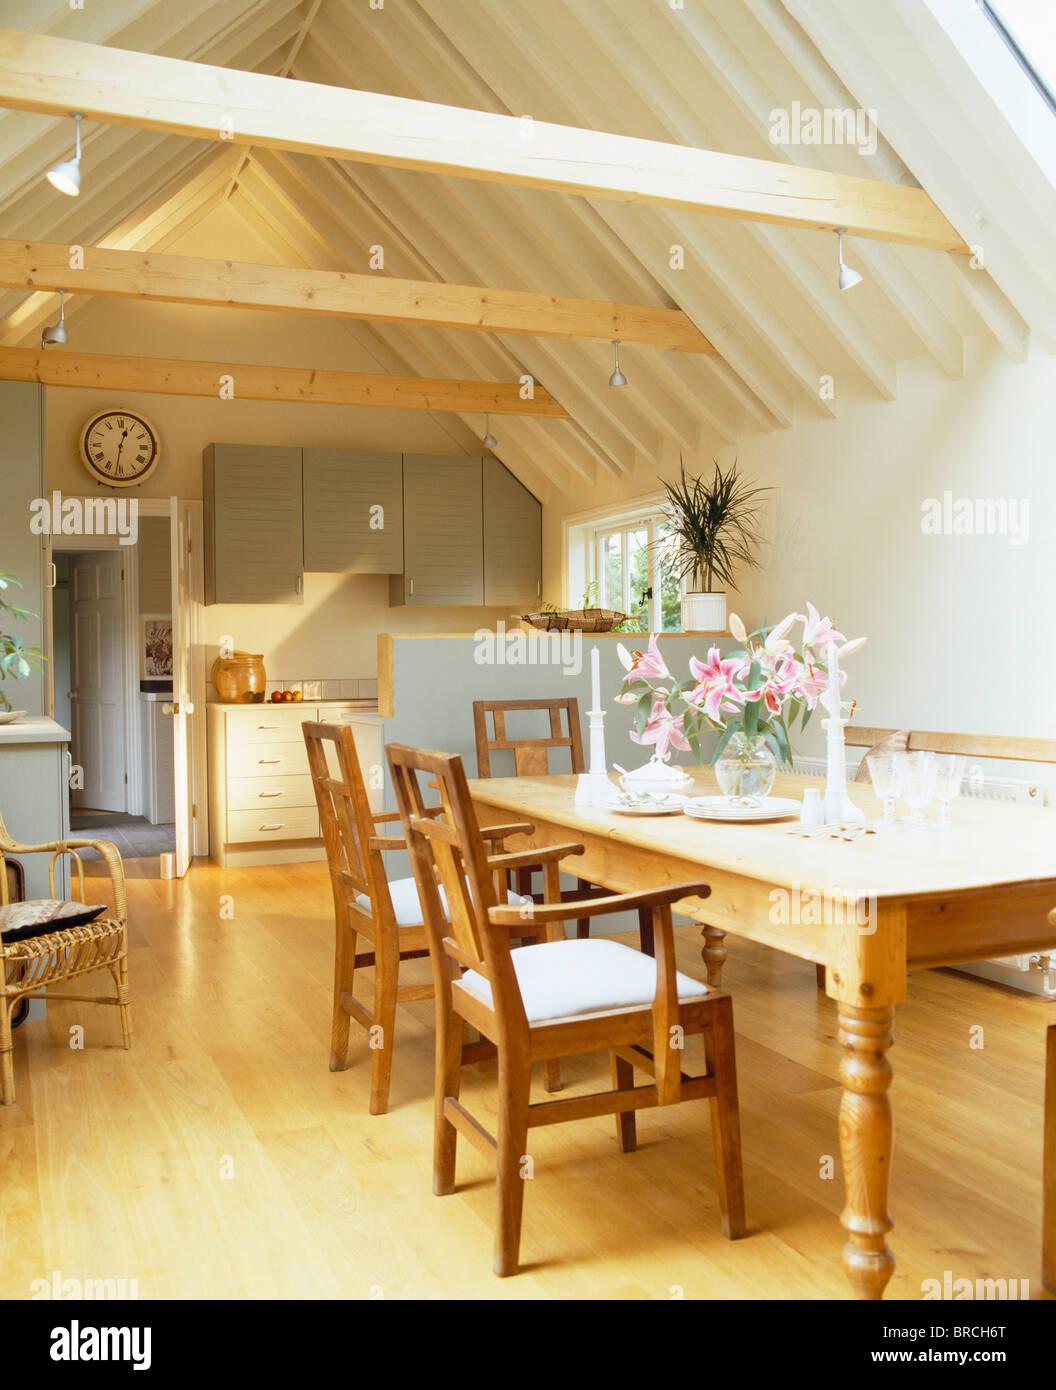 Holzstühle und Tisch Kiefer in traditionelle Küche im kleinen Stall ...